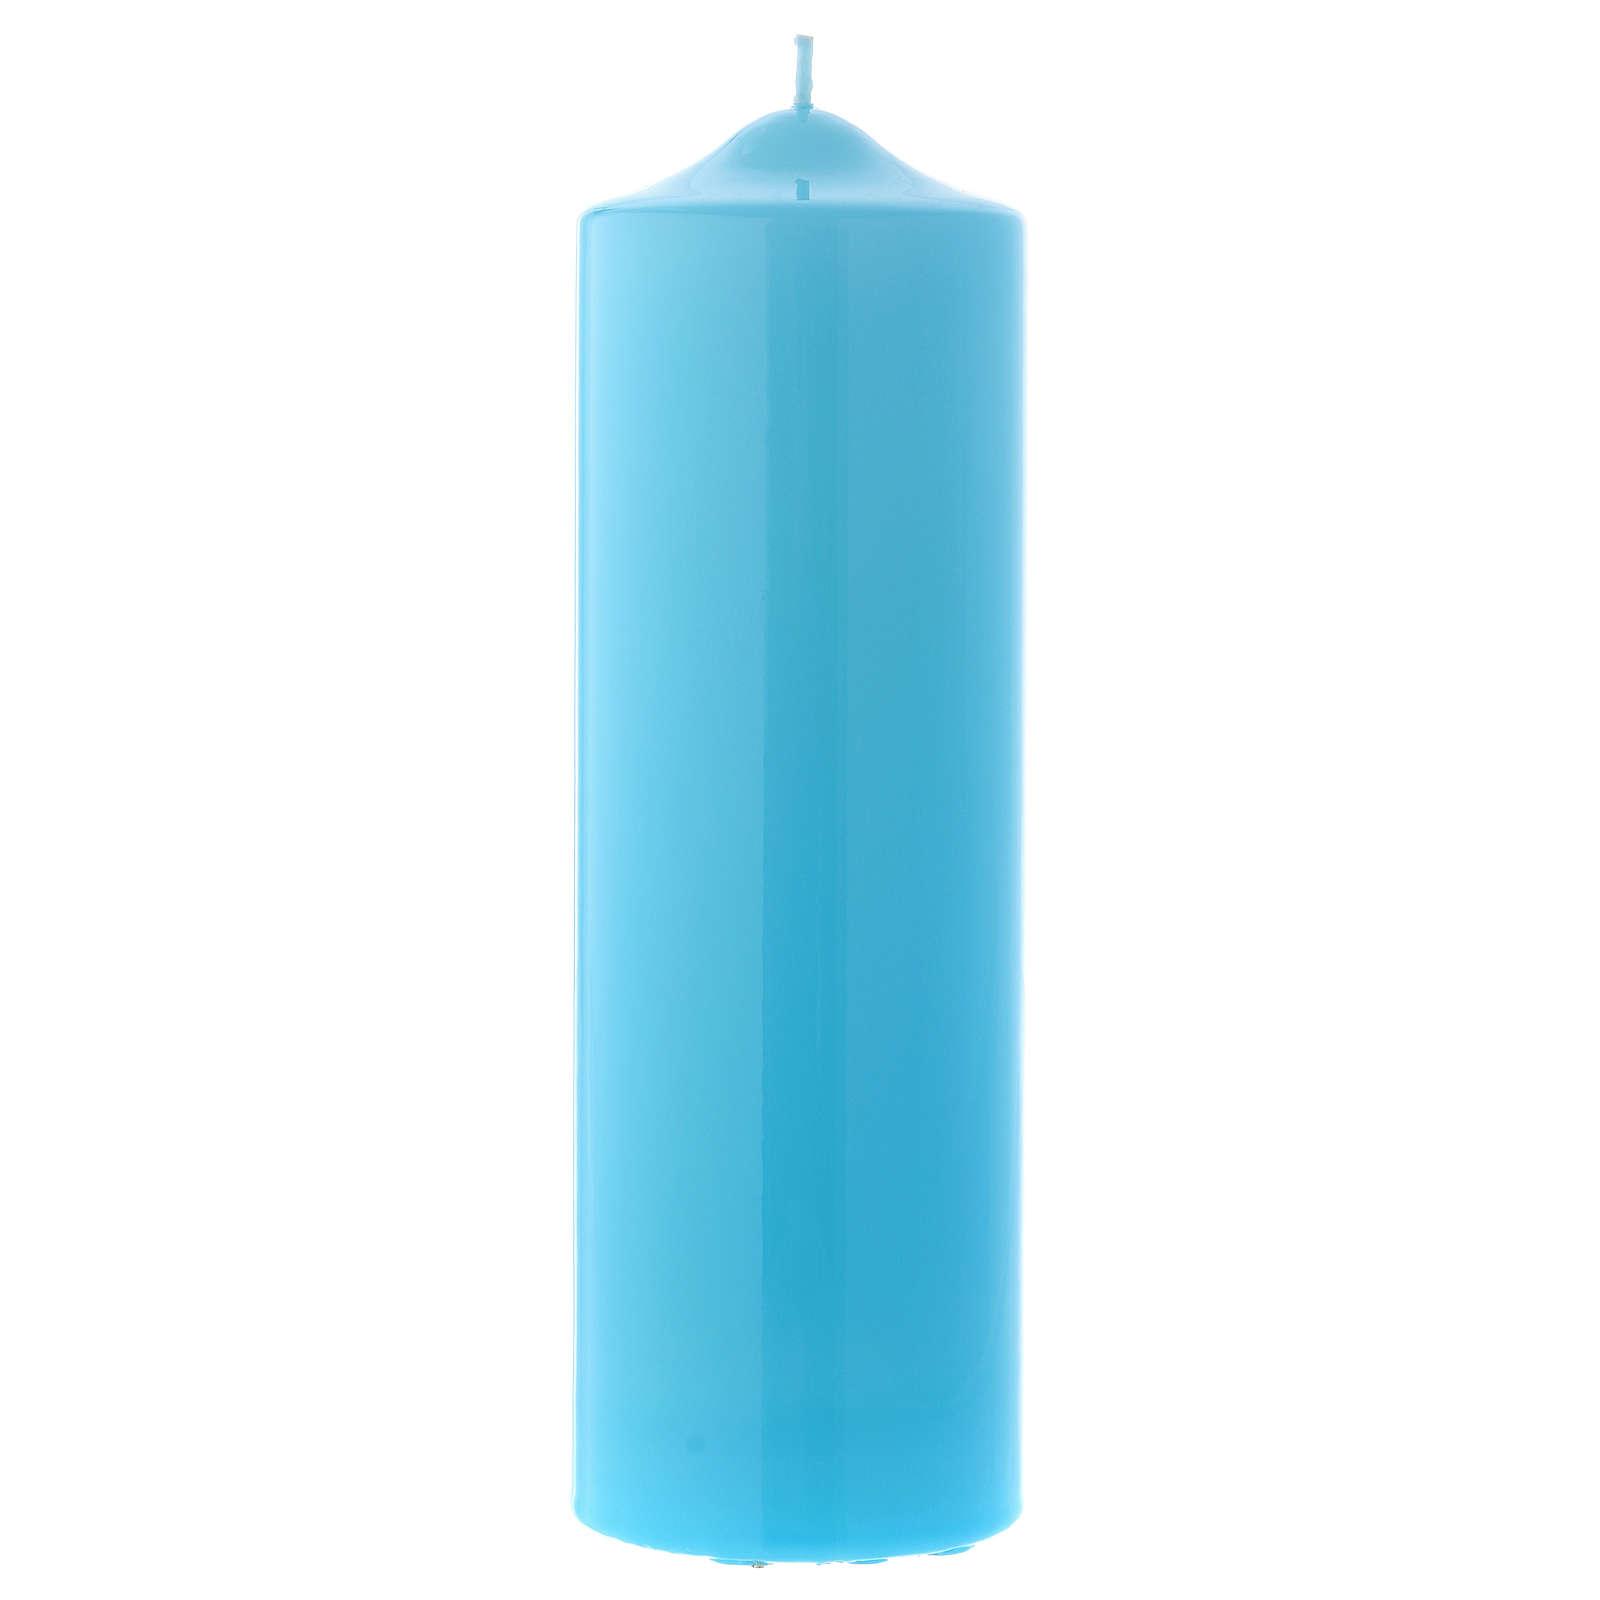 Bougie liturgique cire brillante Ceralacca 24x8 cm bleu clair 3